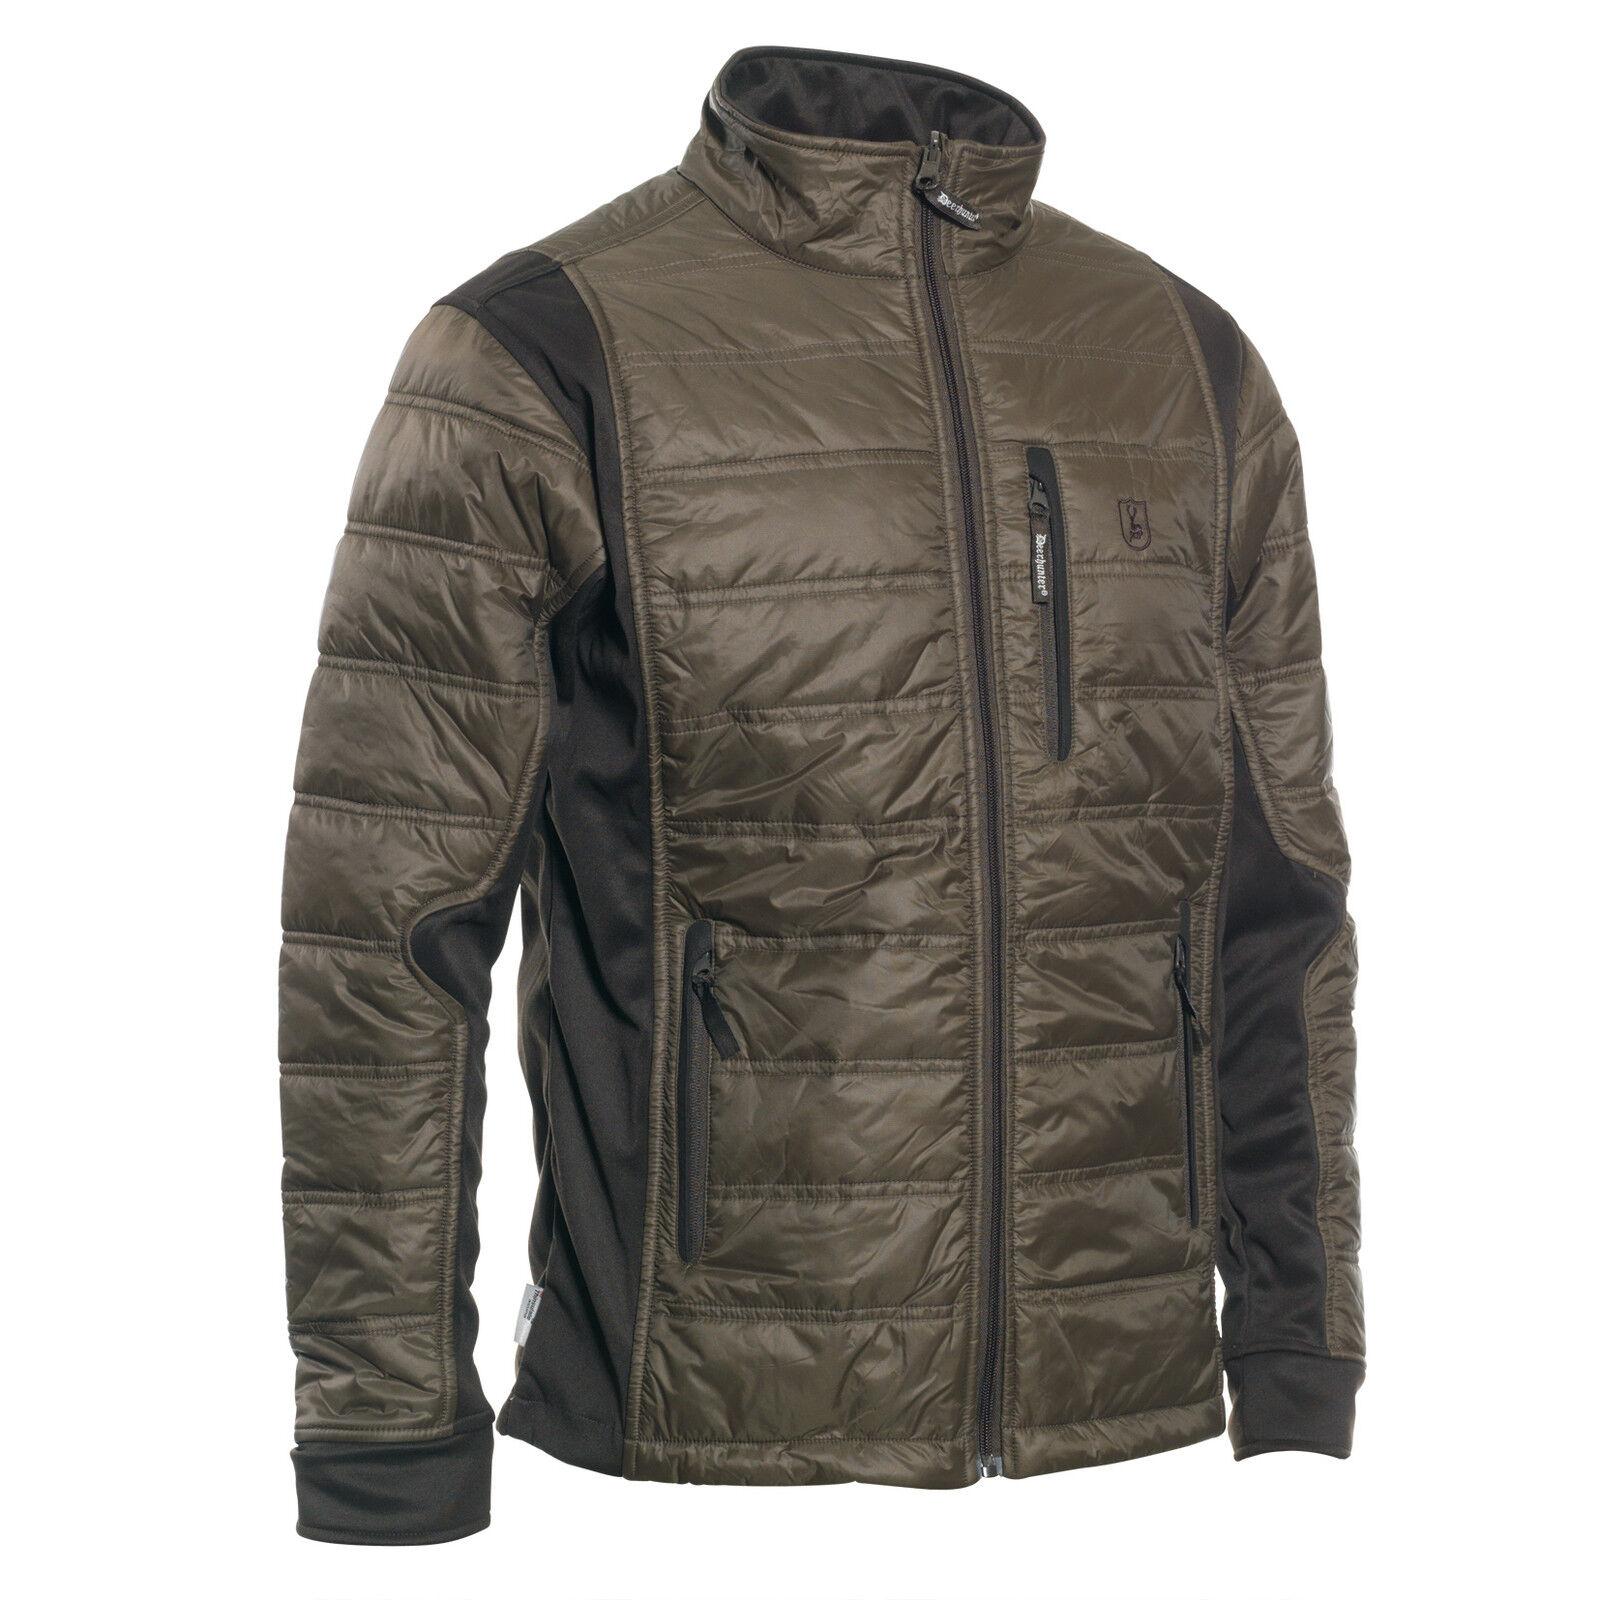 Deerhunter 5720  muflon chaqueta M thinsulate einzippbar en 5820 5822, 376-art verde  Los mejores precios y los estilos más frescos.